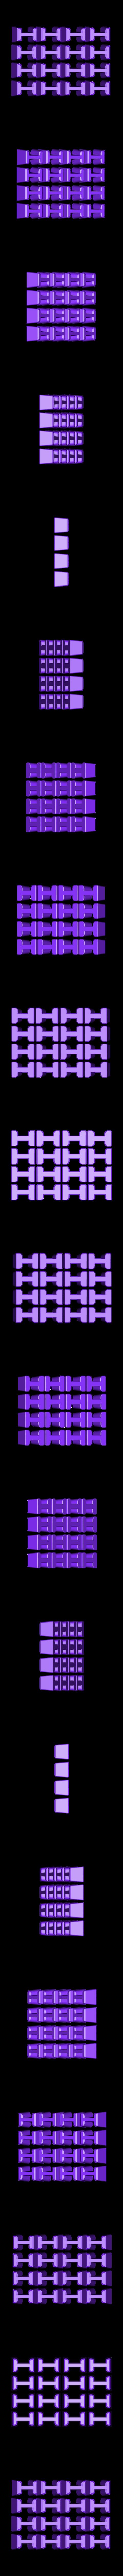 Butterfly_Joint_x16_Modular_Castle_Playset_-_3D-printable_By_CreativeTools.se.stl Télécharger fichier STL gratuit Plateau modulaire de château (imprimable en 3D) • Modèle à imprimer en 3D, CreativeTools